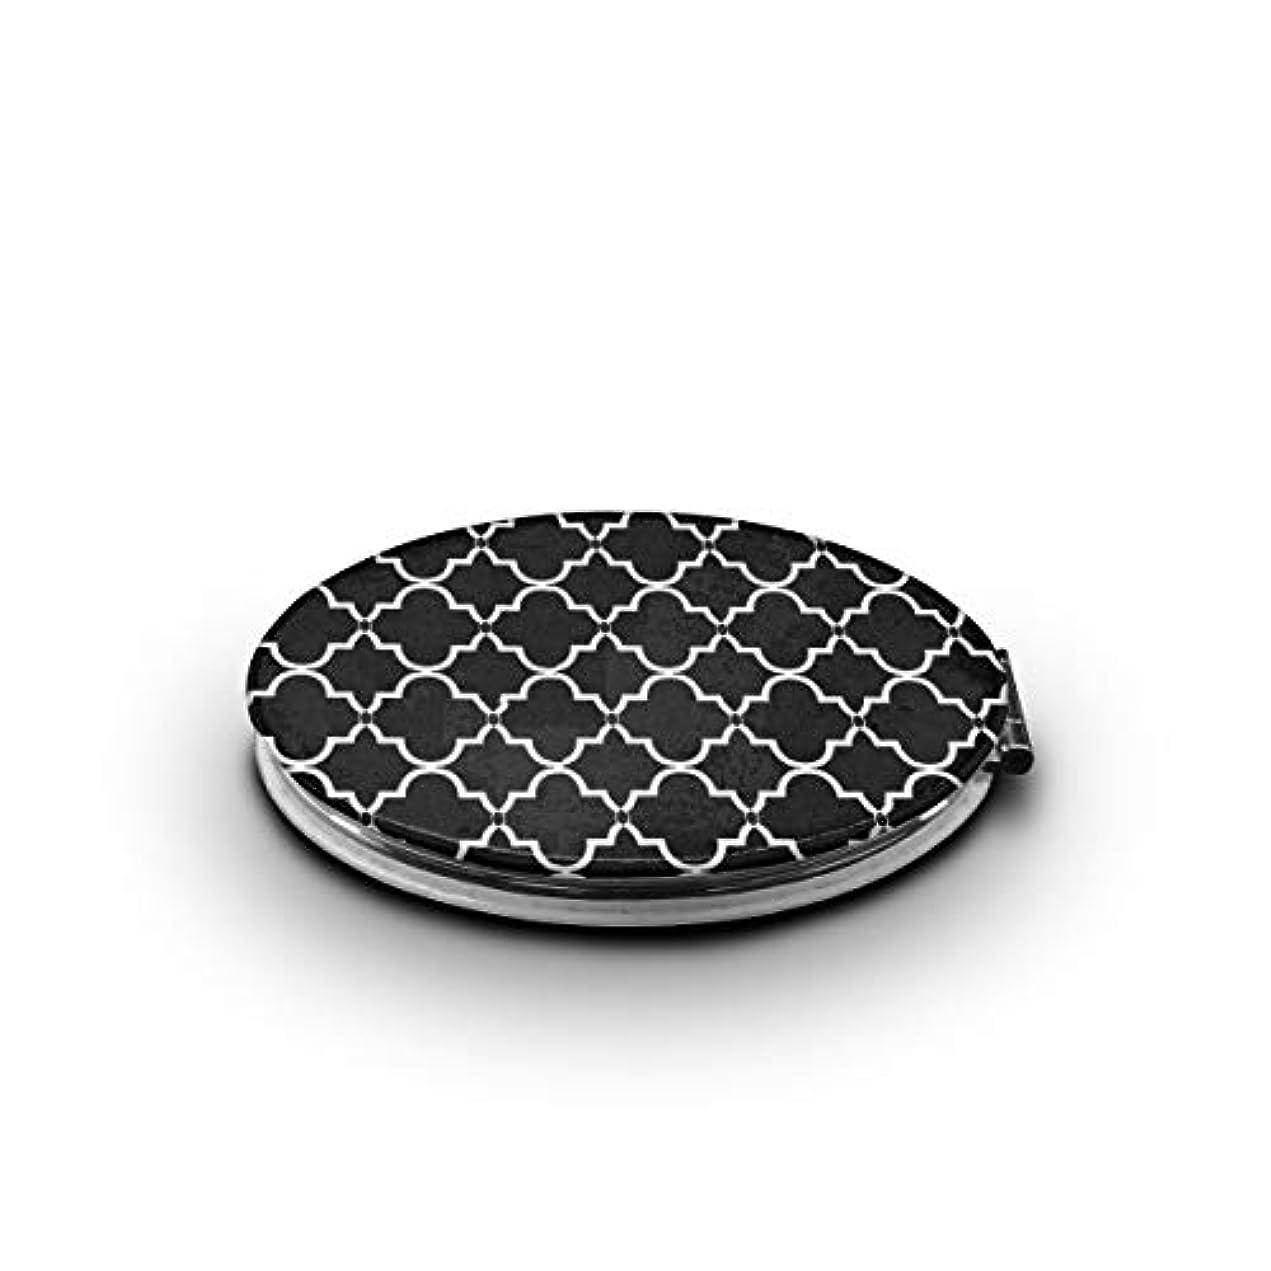 携帯ミラー 幾何学の柄ミニ化粧鏡 化粧鏡 3倍拡大鏡+等倍鏡 両面化粧鏡 楕円形 携帯型 折り畳み式 コンパクト鏡 外出に 持ち運び便利 超軽量 おしゃれ 9.0X6.6CM